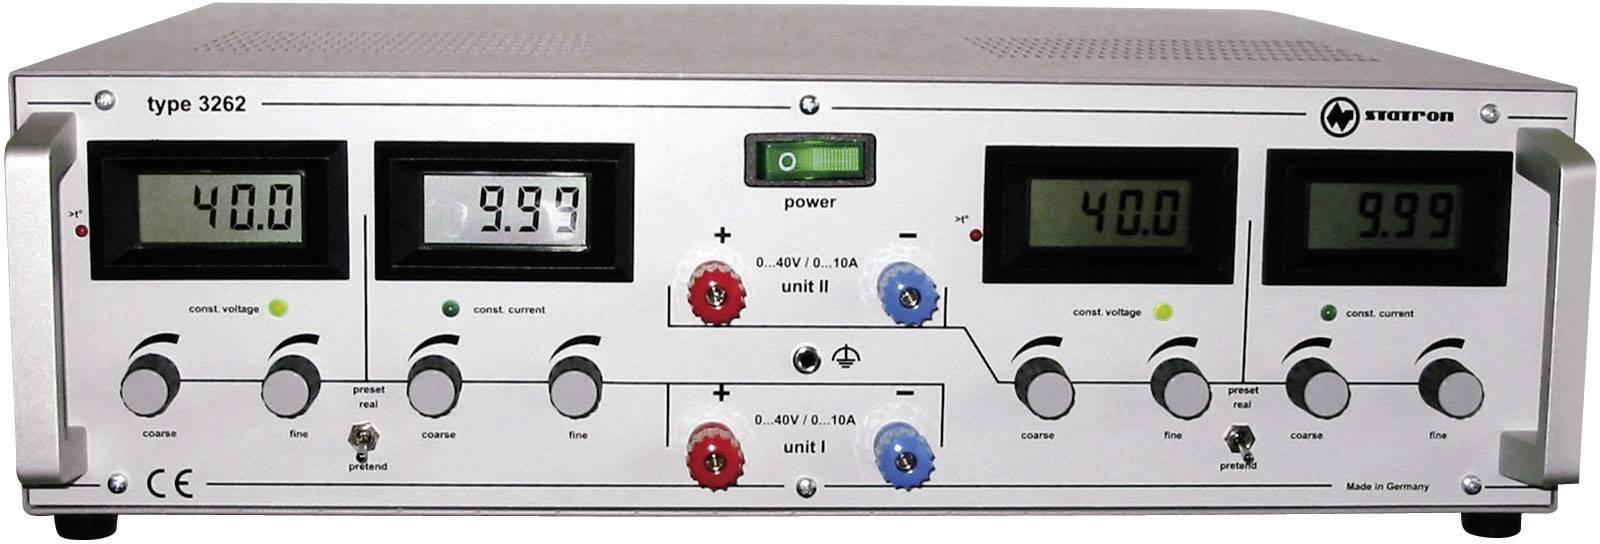 Lineárny laboratórny zdroj Straton 3262.1, 0 - 40 V, 0 - 10 A